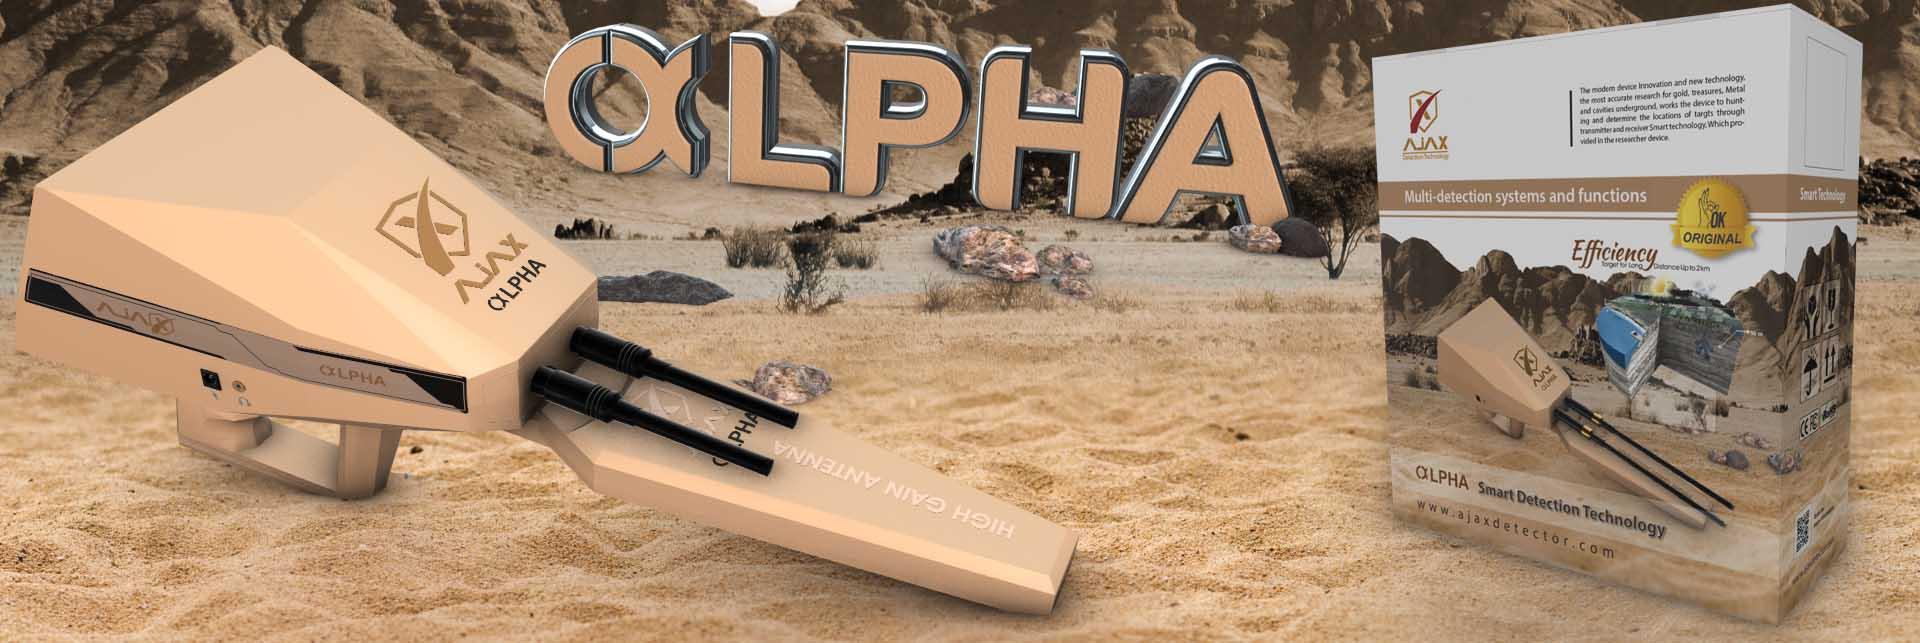 gold detector alpha gold and metal detectors 2019